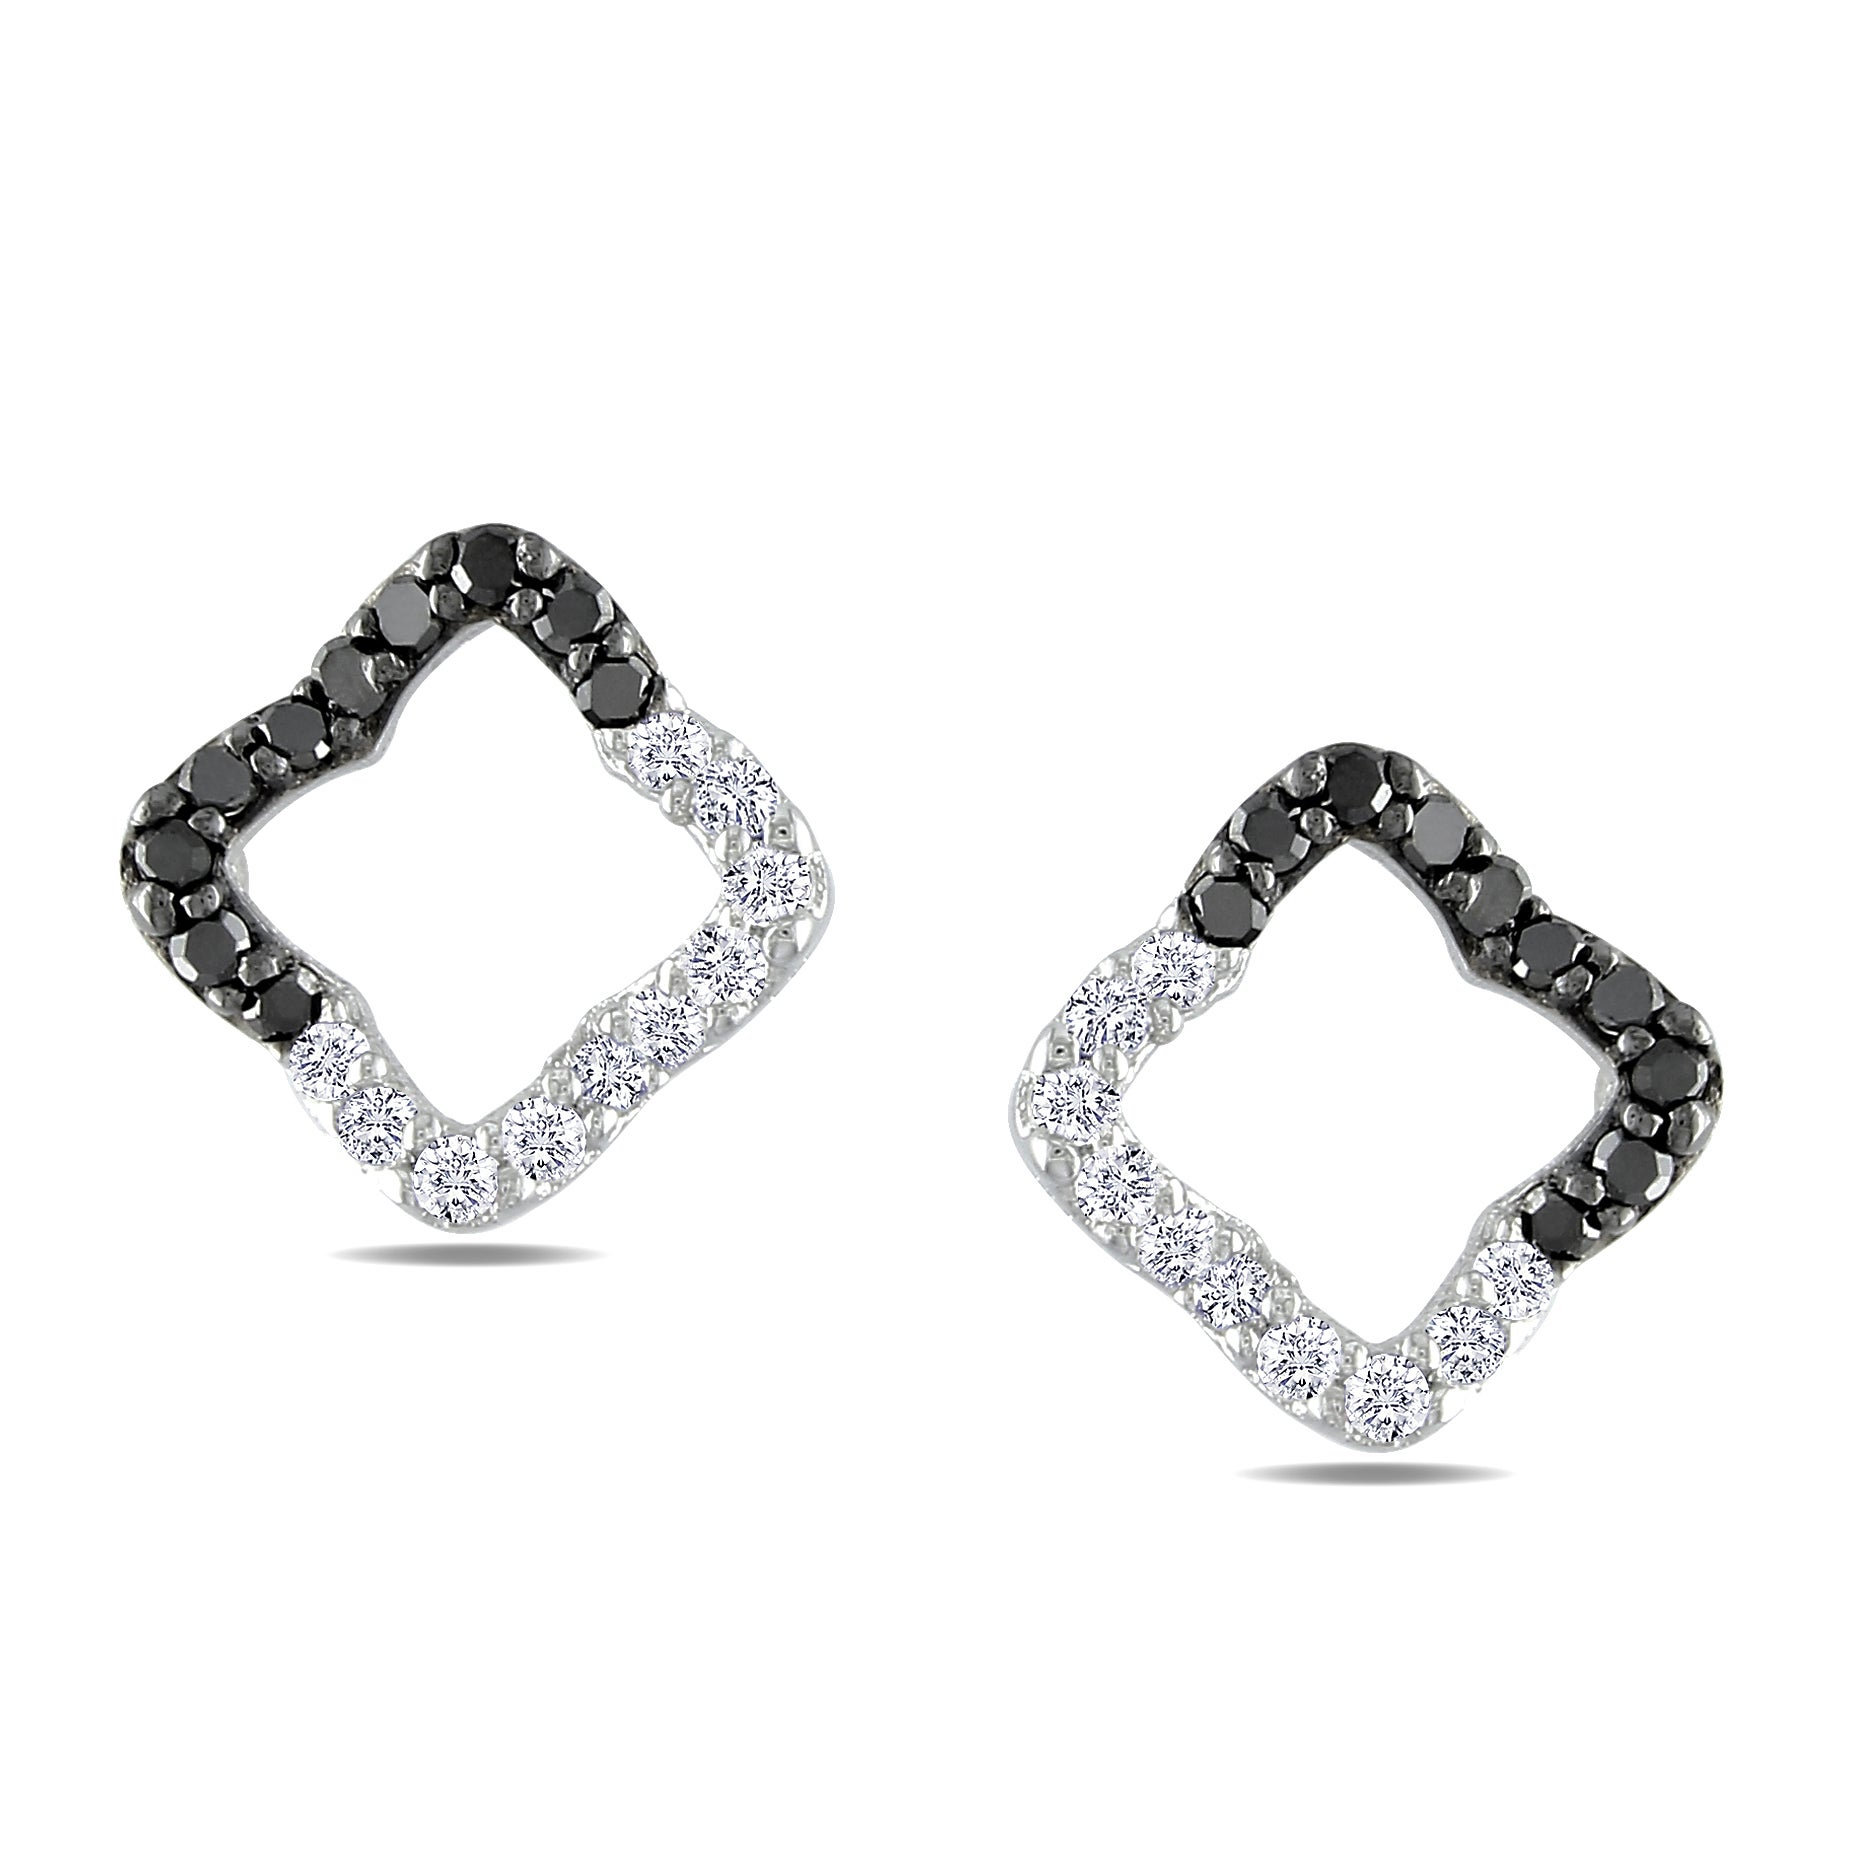 Miadora 14k White Gold 1/4ct TDW Black and White Diamond Earrings (G-H, I1)